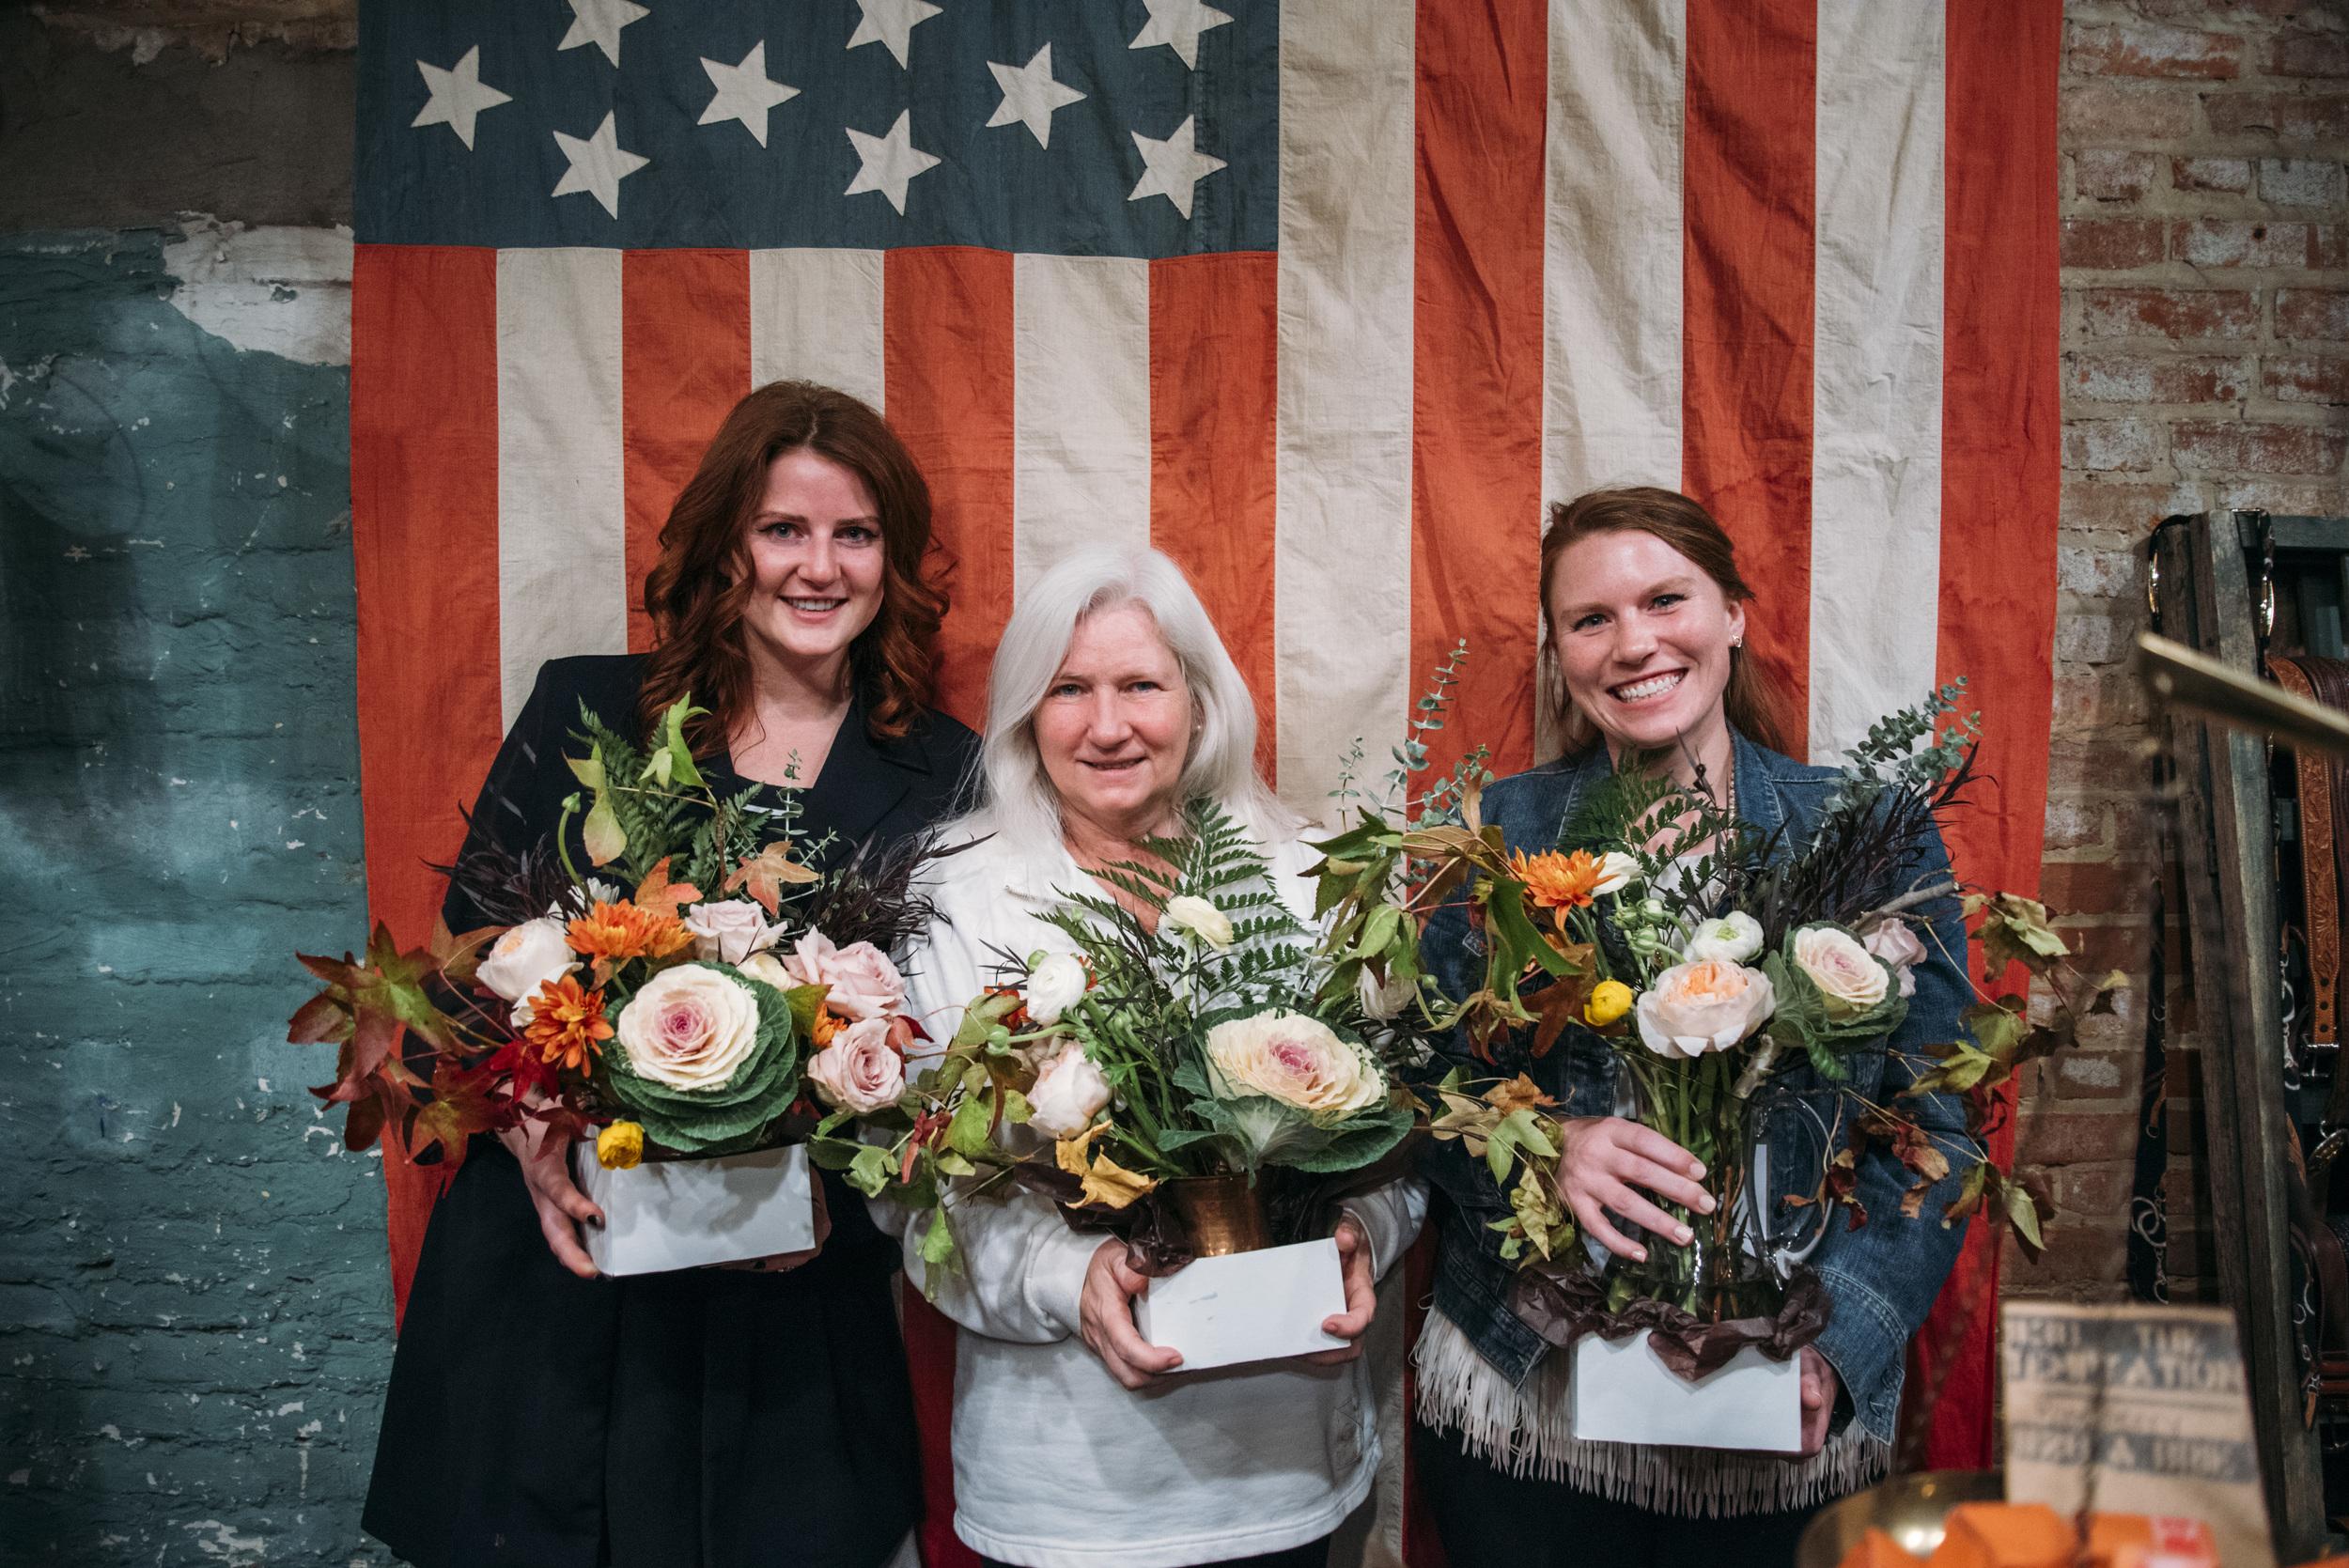 Eldorado General Store Made Floral Katoi Emily Berger